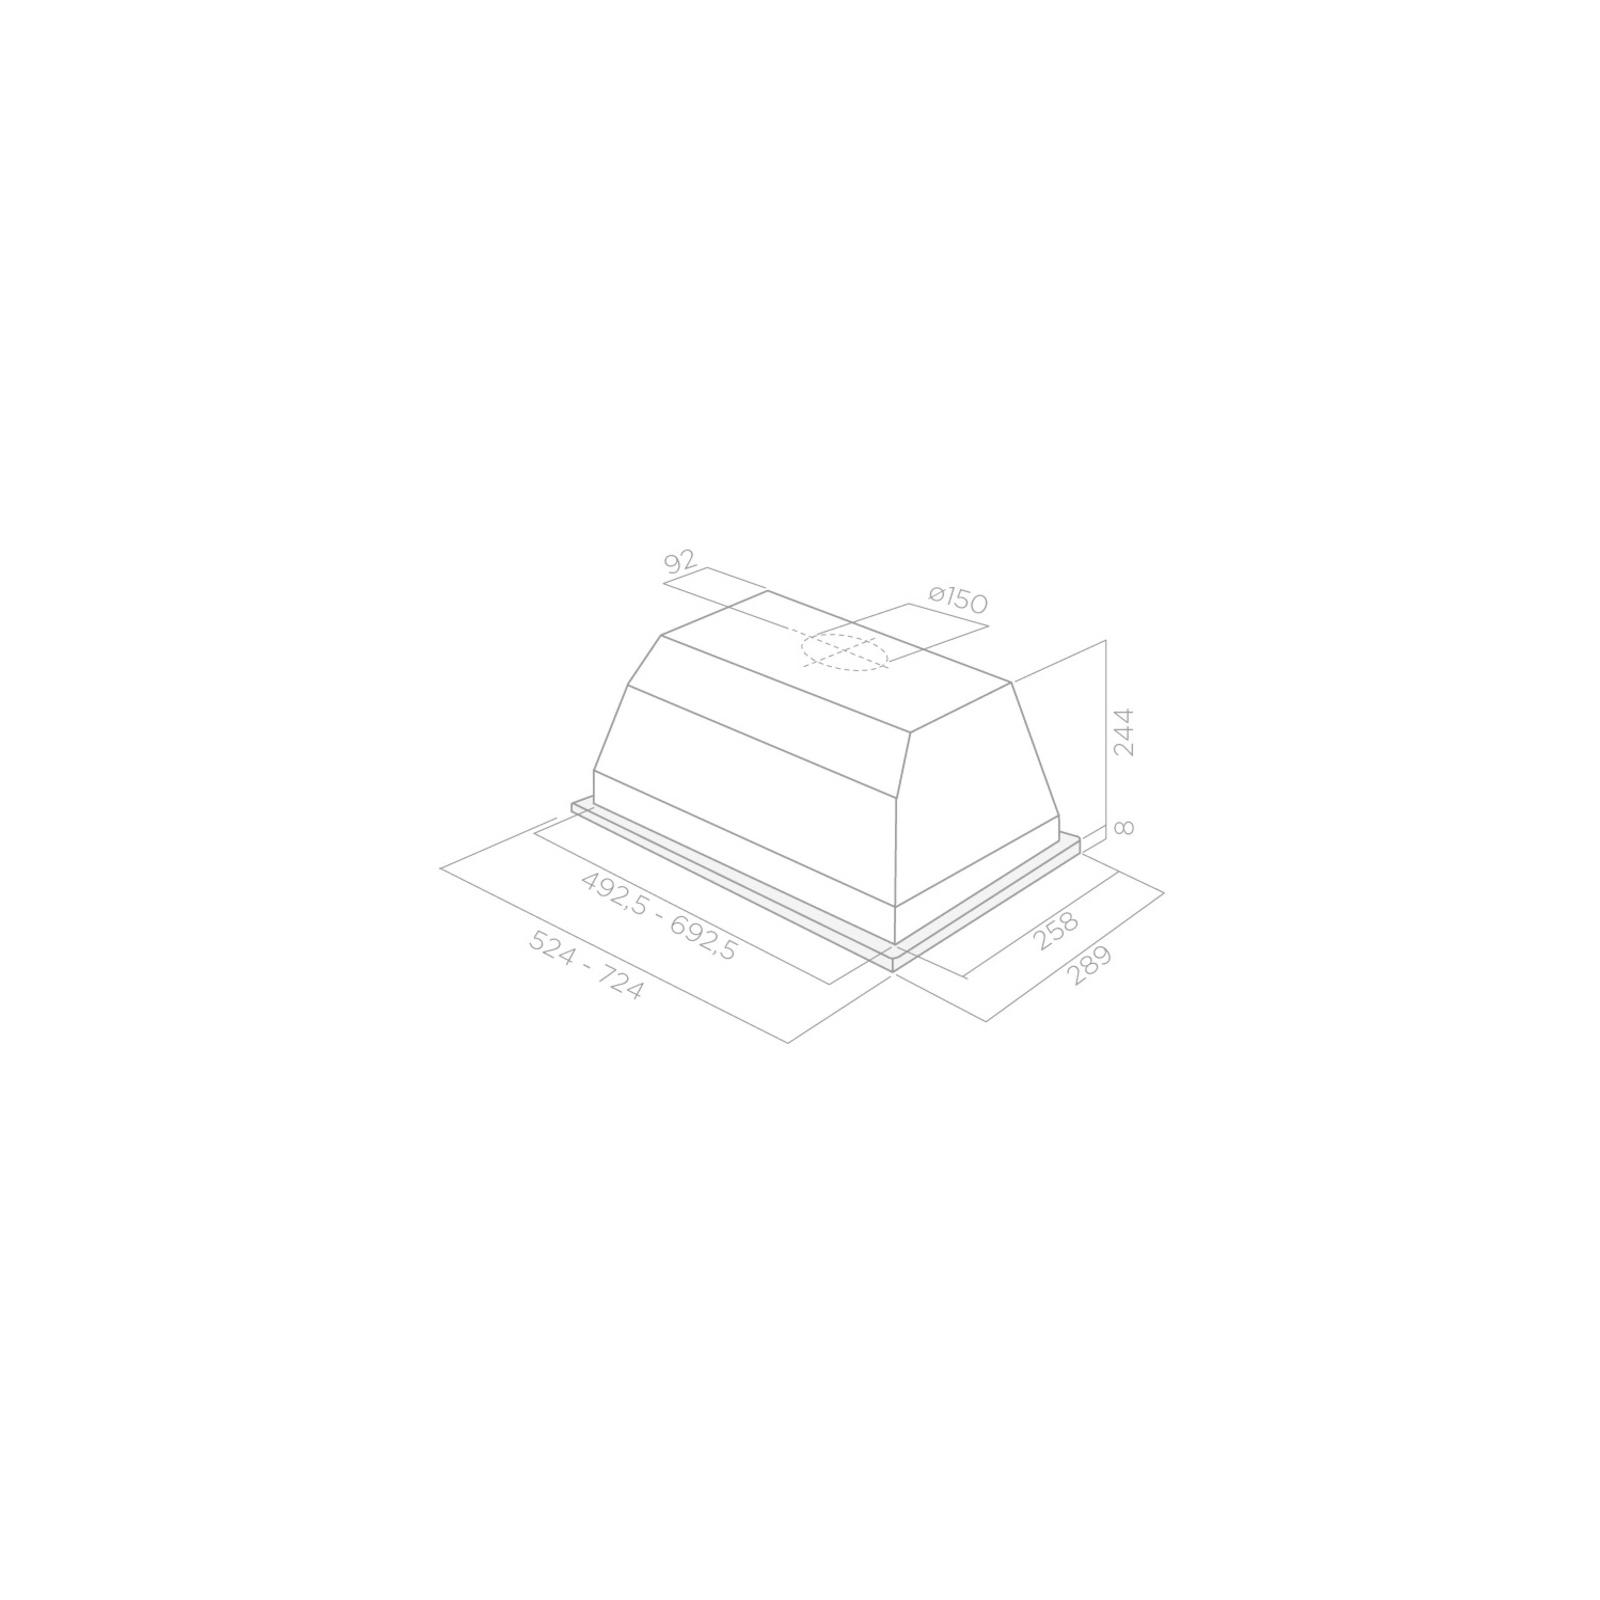 Вытяжка кухонная ELICA ELIBLOC LUX/GR A/60 изображение 3